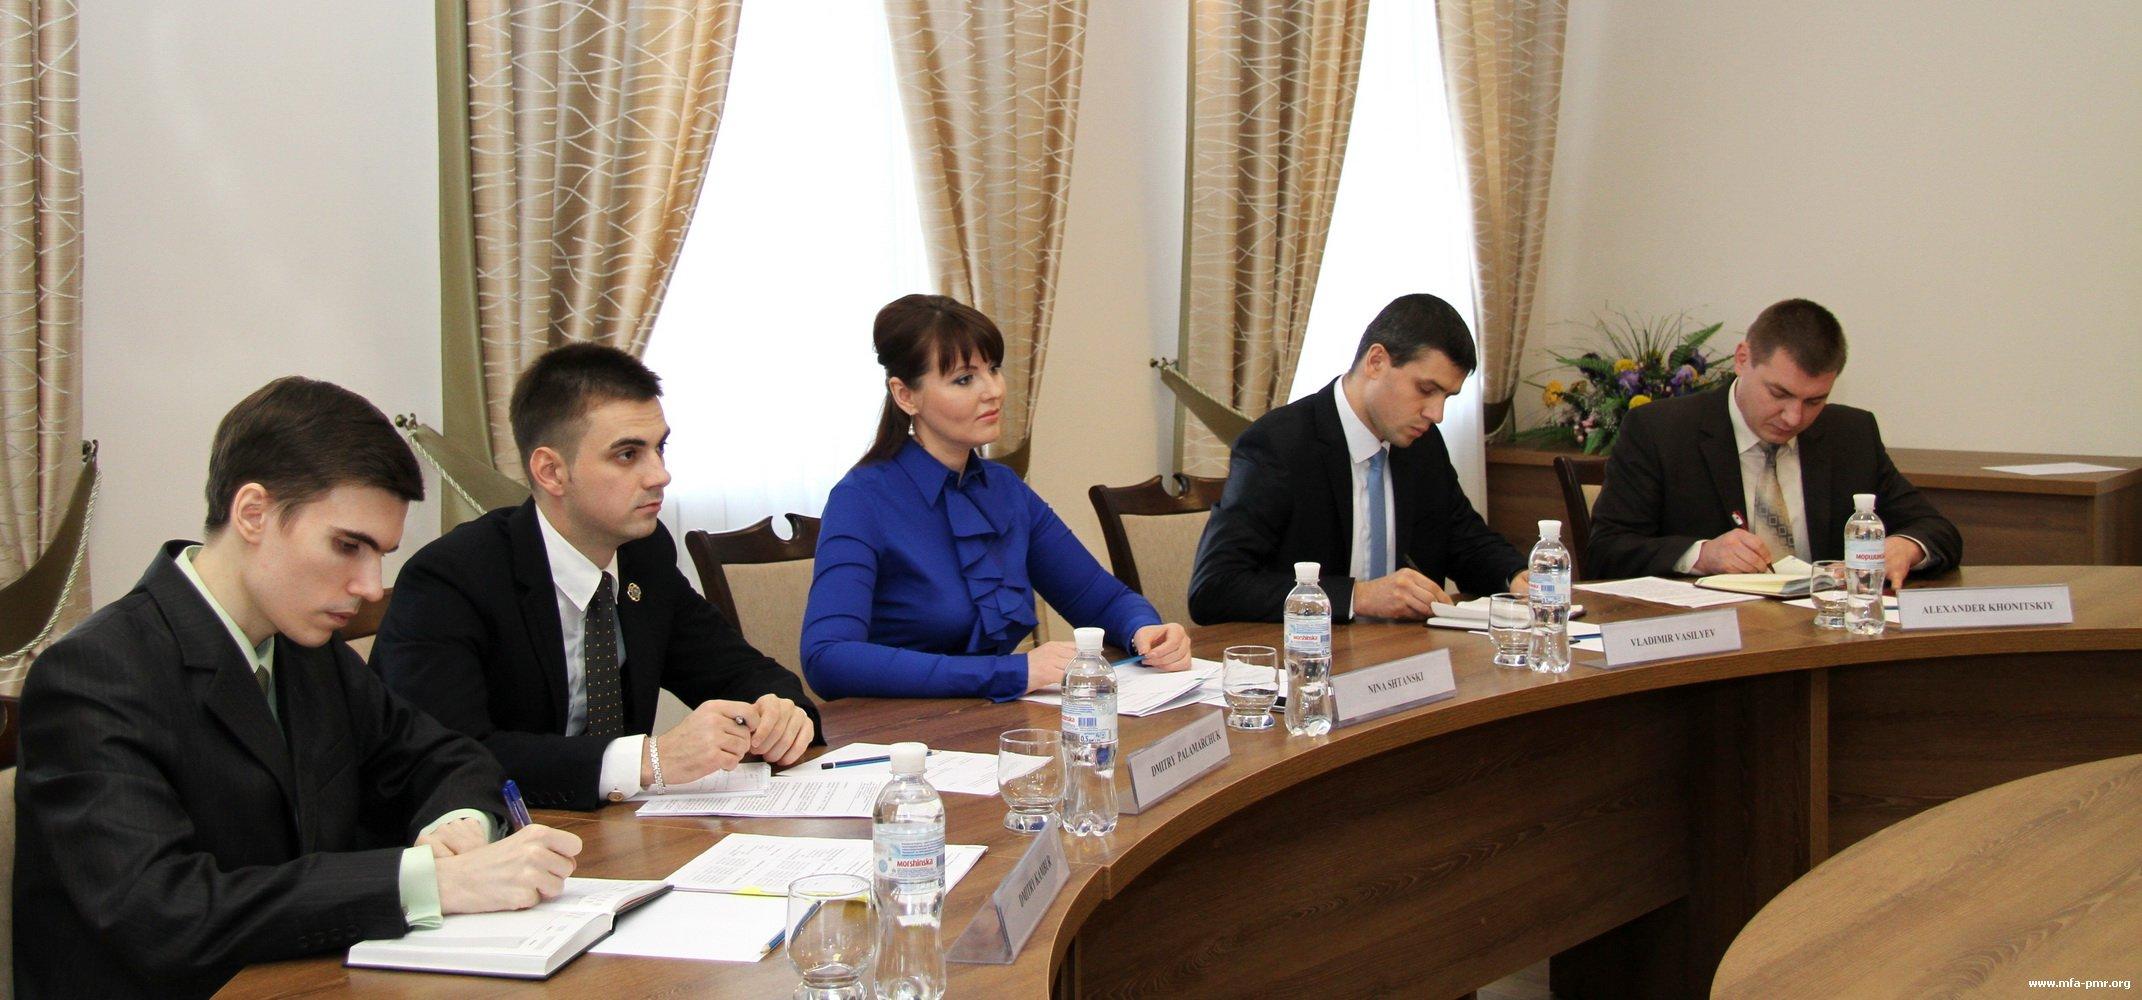 Нина Штански встретилась с Главой делегации Европейского Союза в Молдове Пирккой Тапиолой